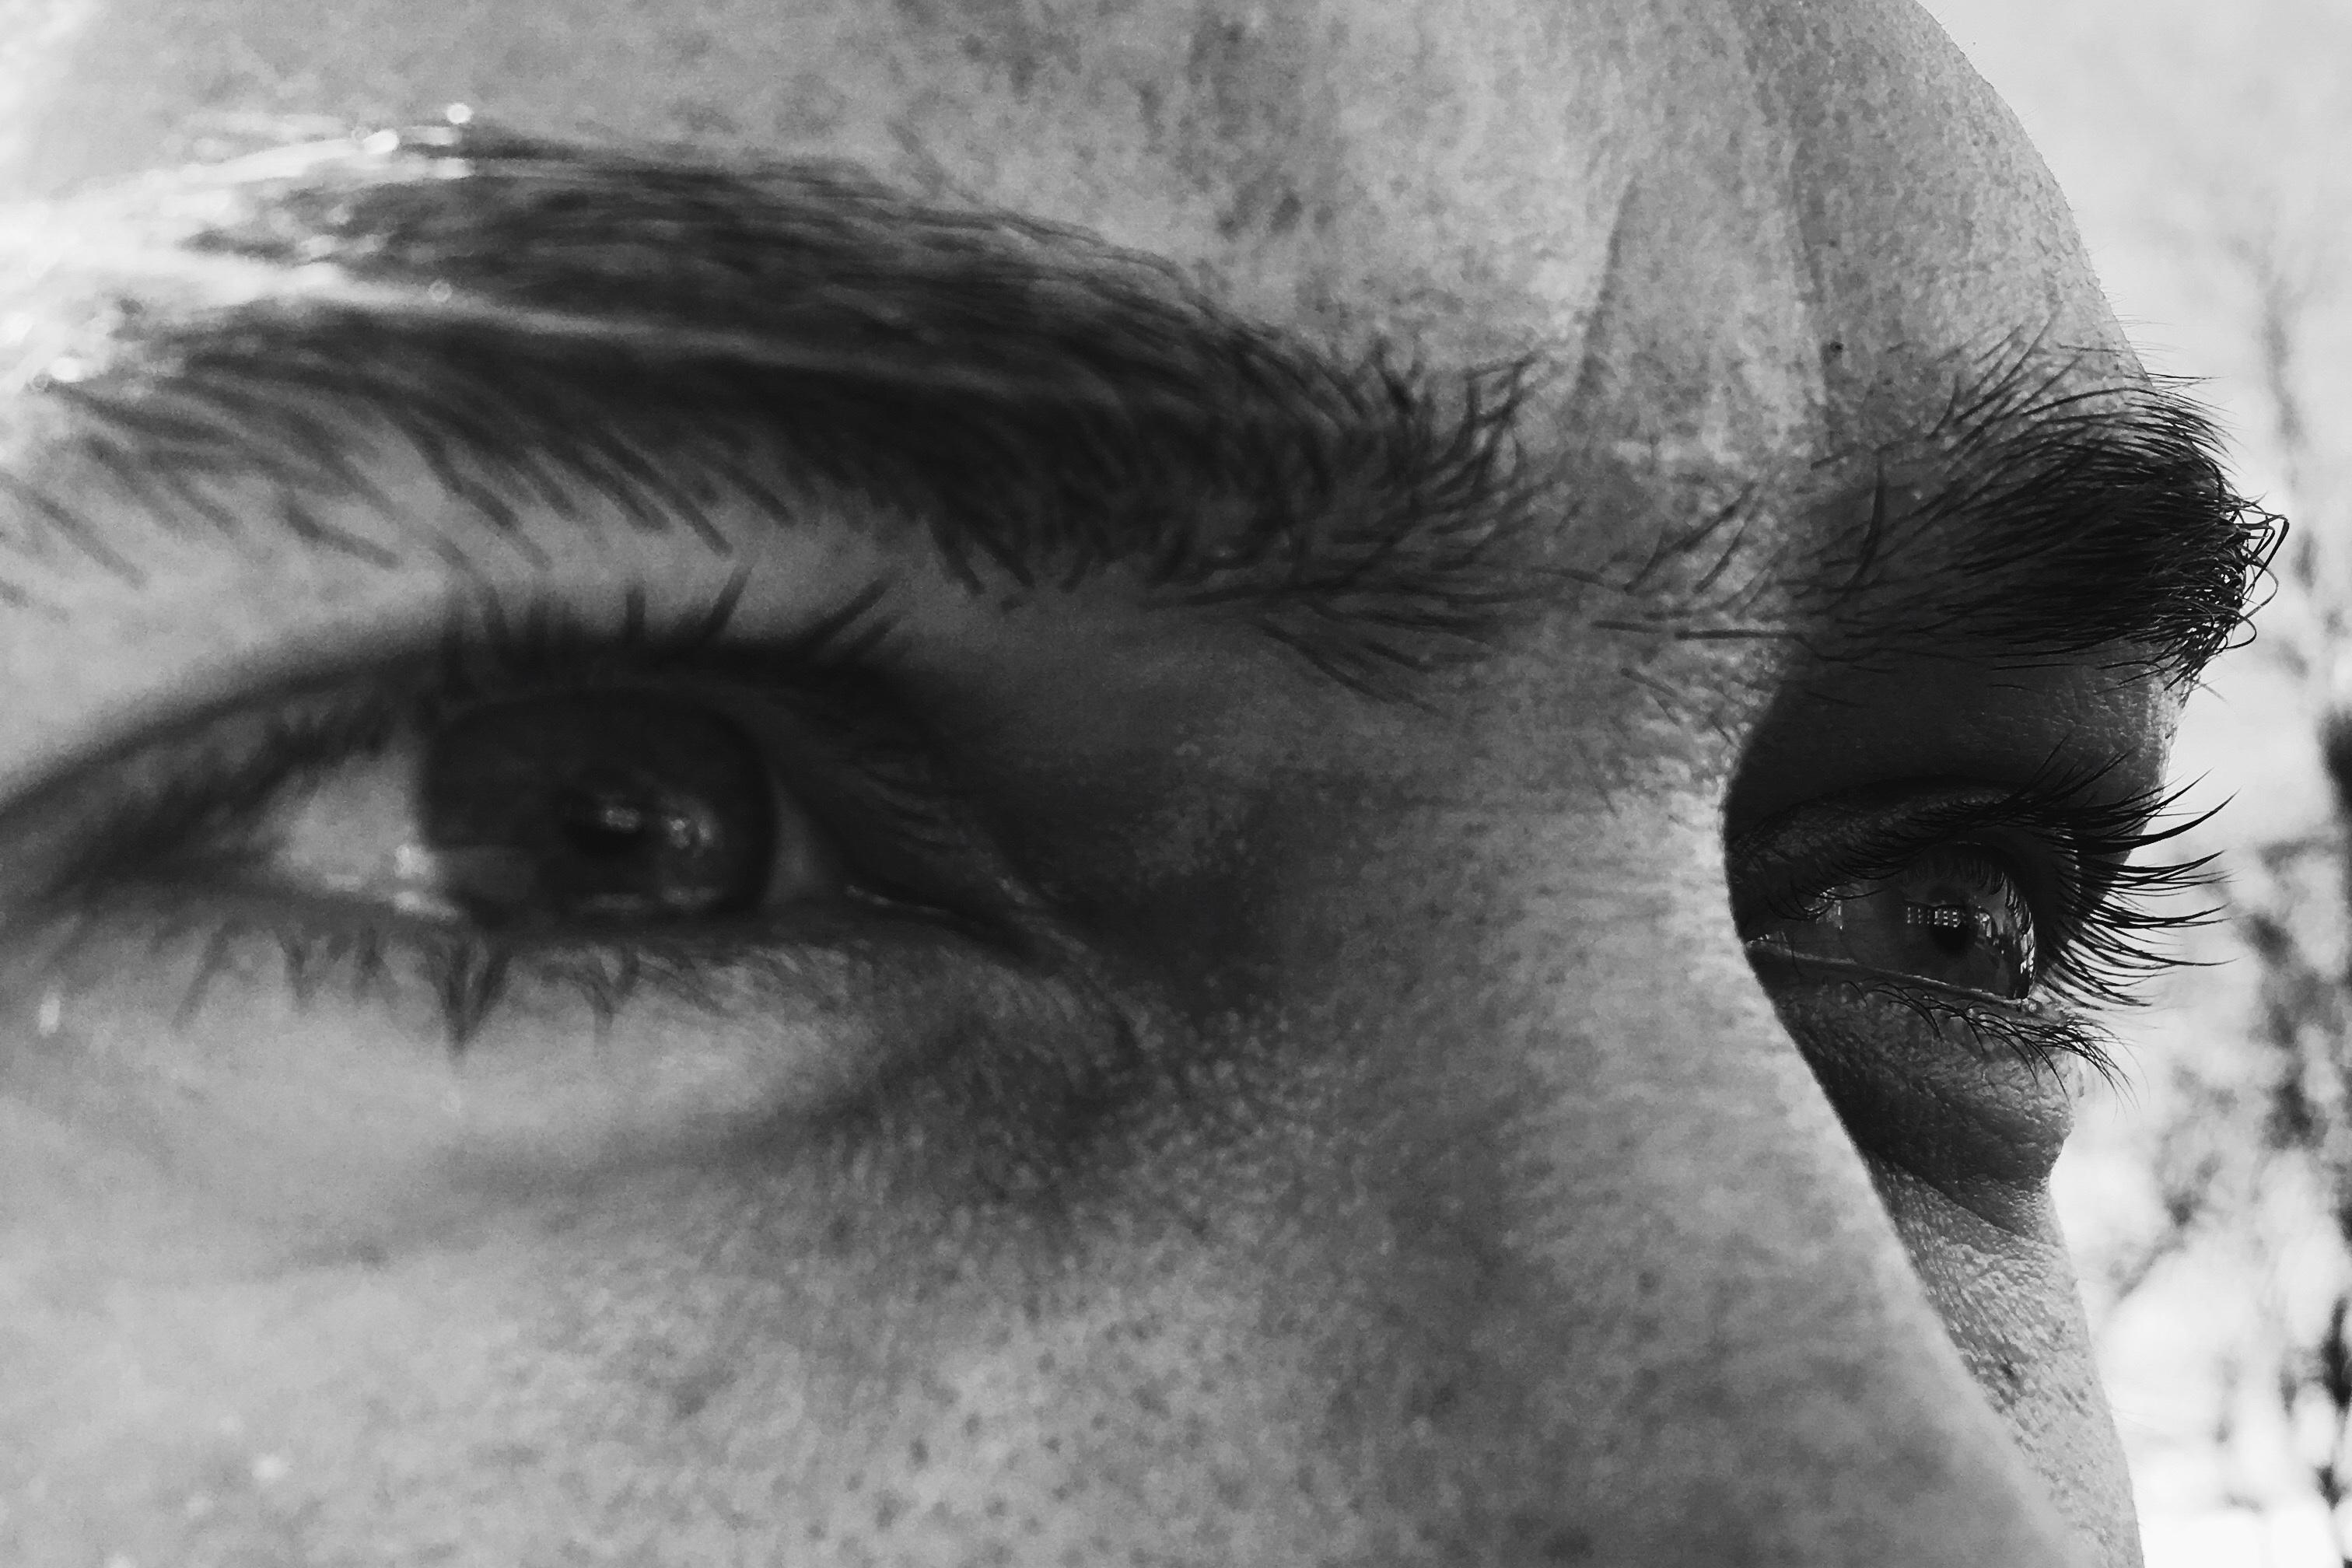 минусов картинки грустных мужиков со слезами всегда это